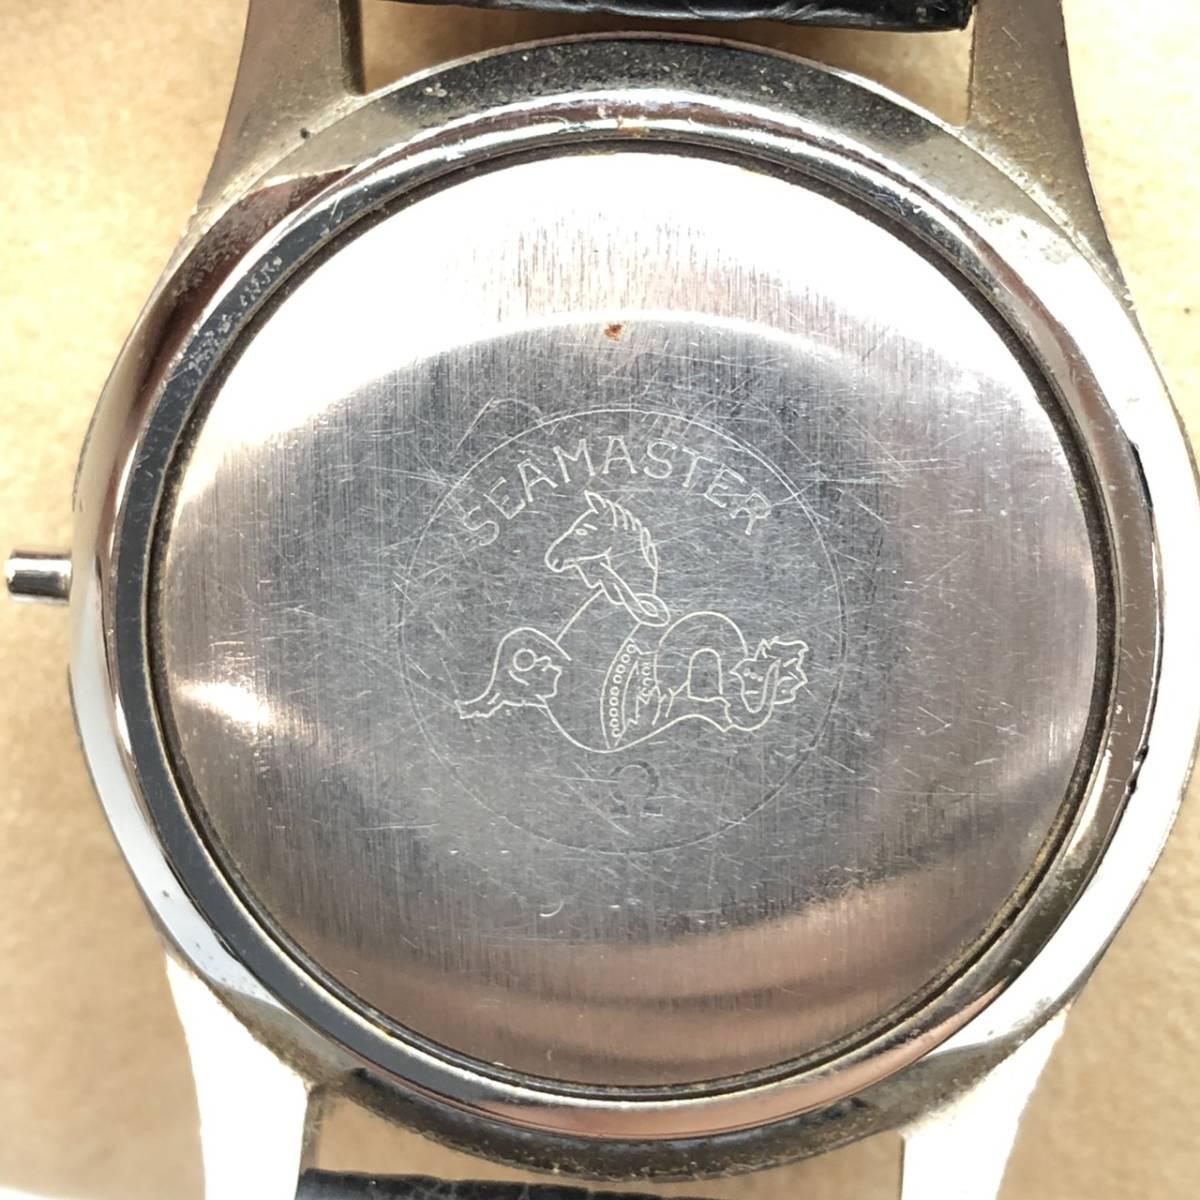 オメガ シーマスター コスミック 2000 OMEGA Sea Master COSMIC 2000 自動巻 デイト 腕時計_画像5